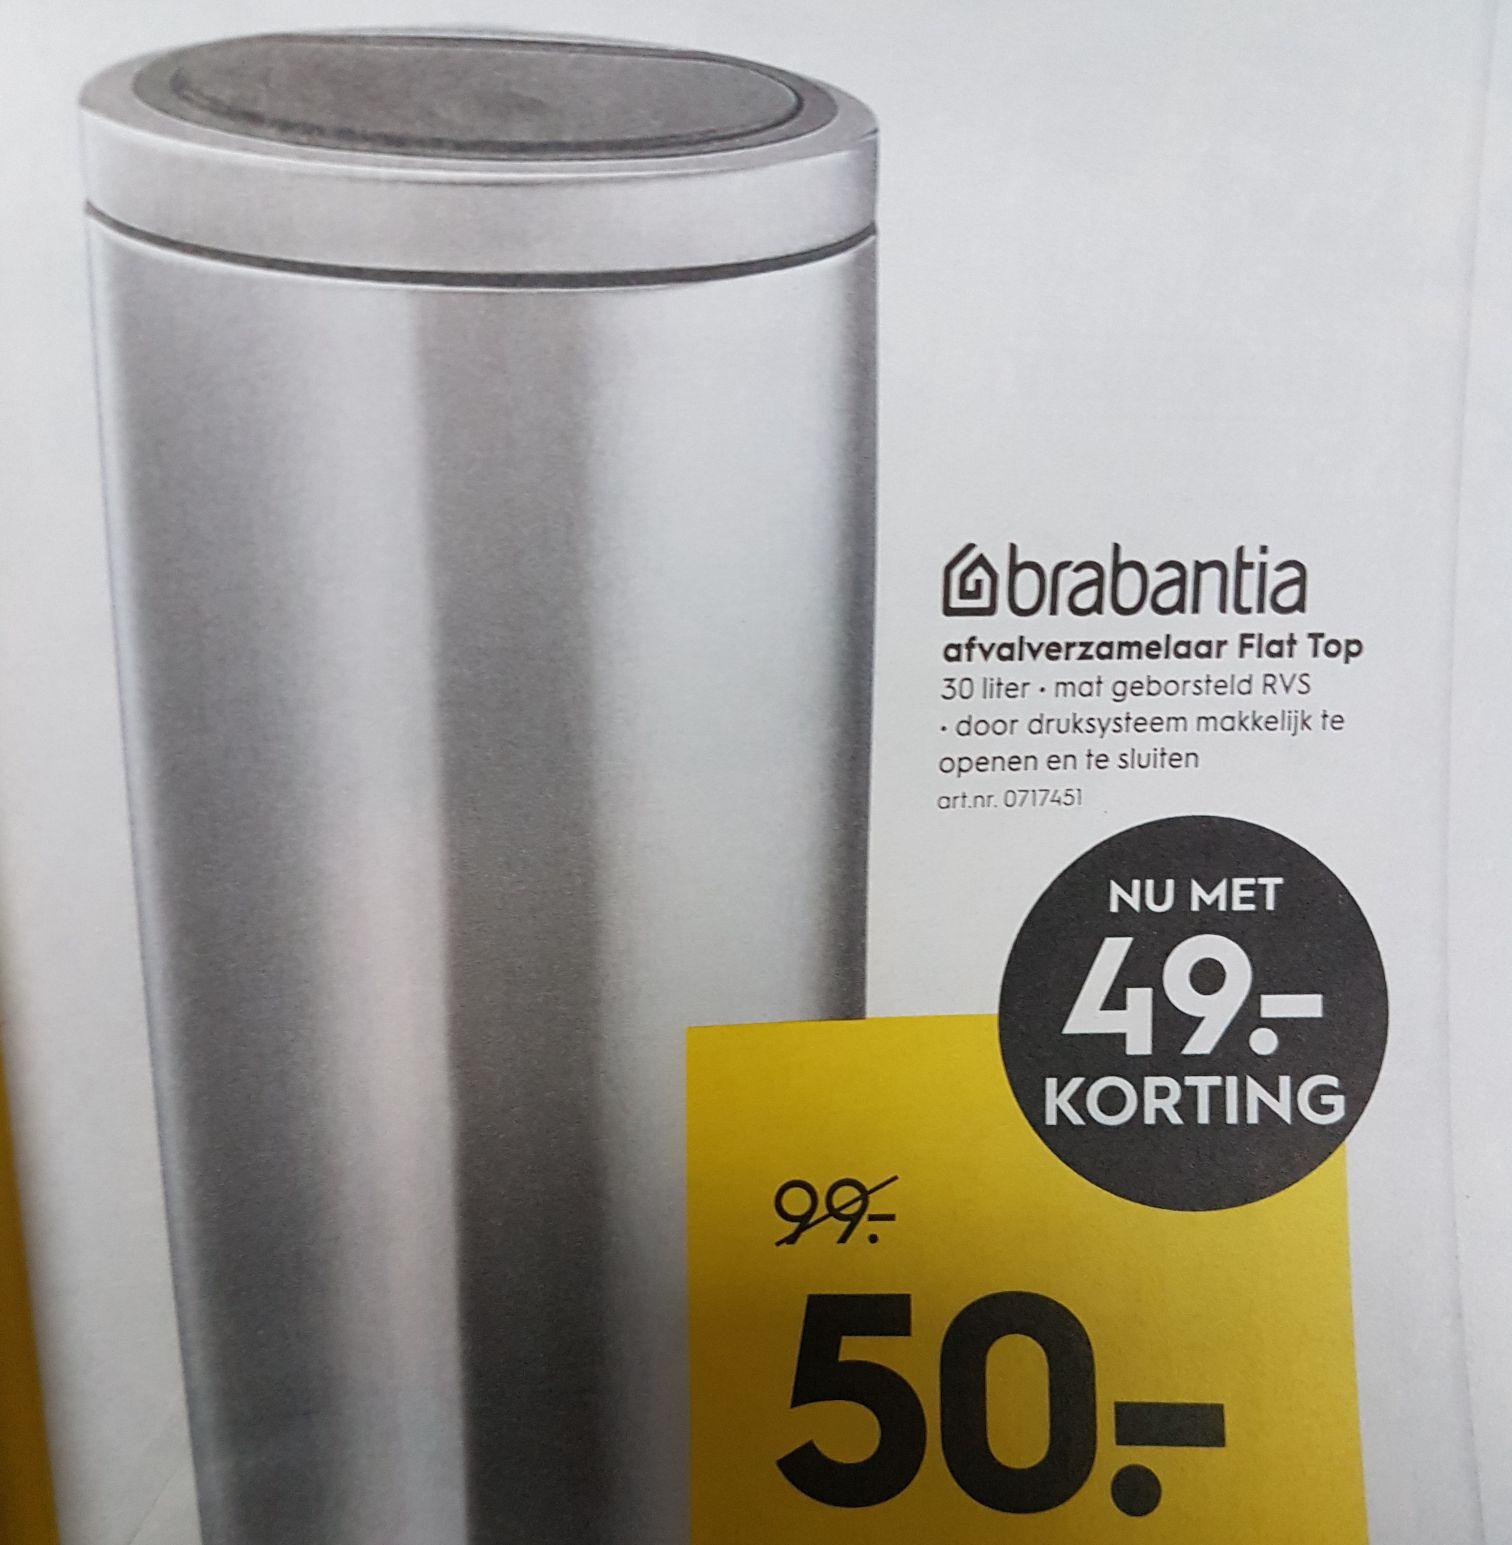 Brabantia 30L flat top van €99 voor €50 @Blokker (vanaf morgen!)